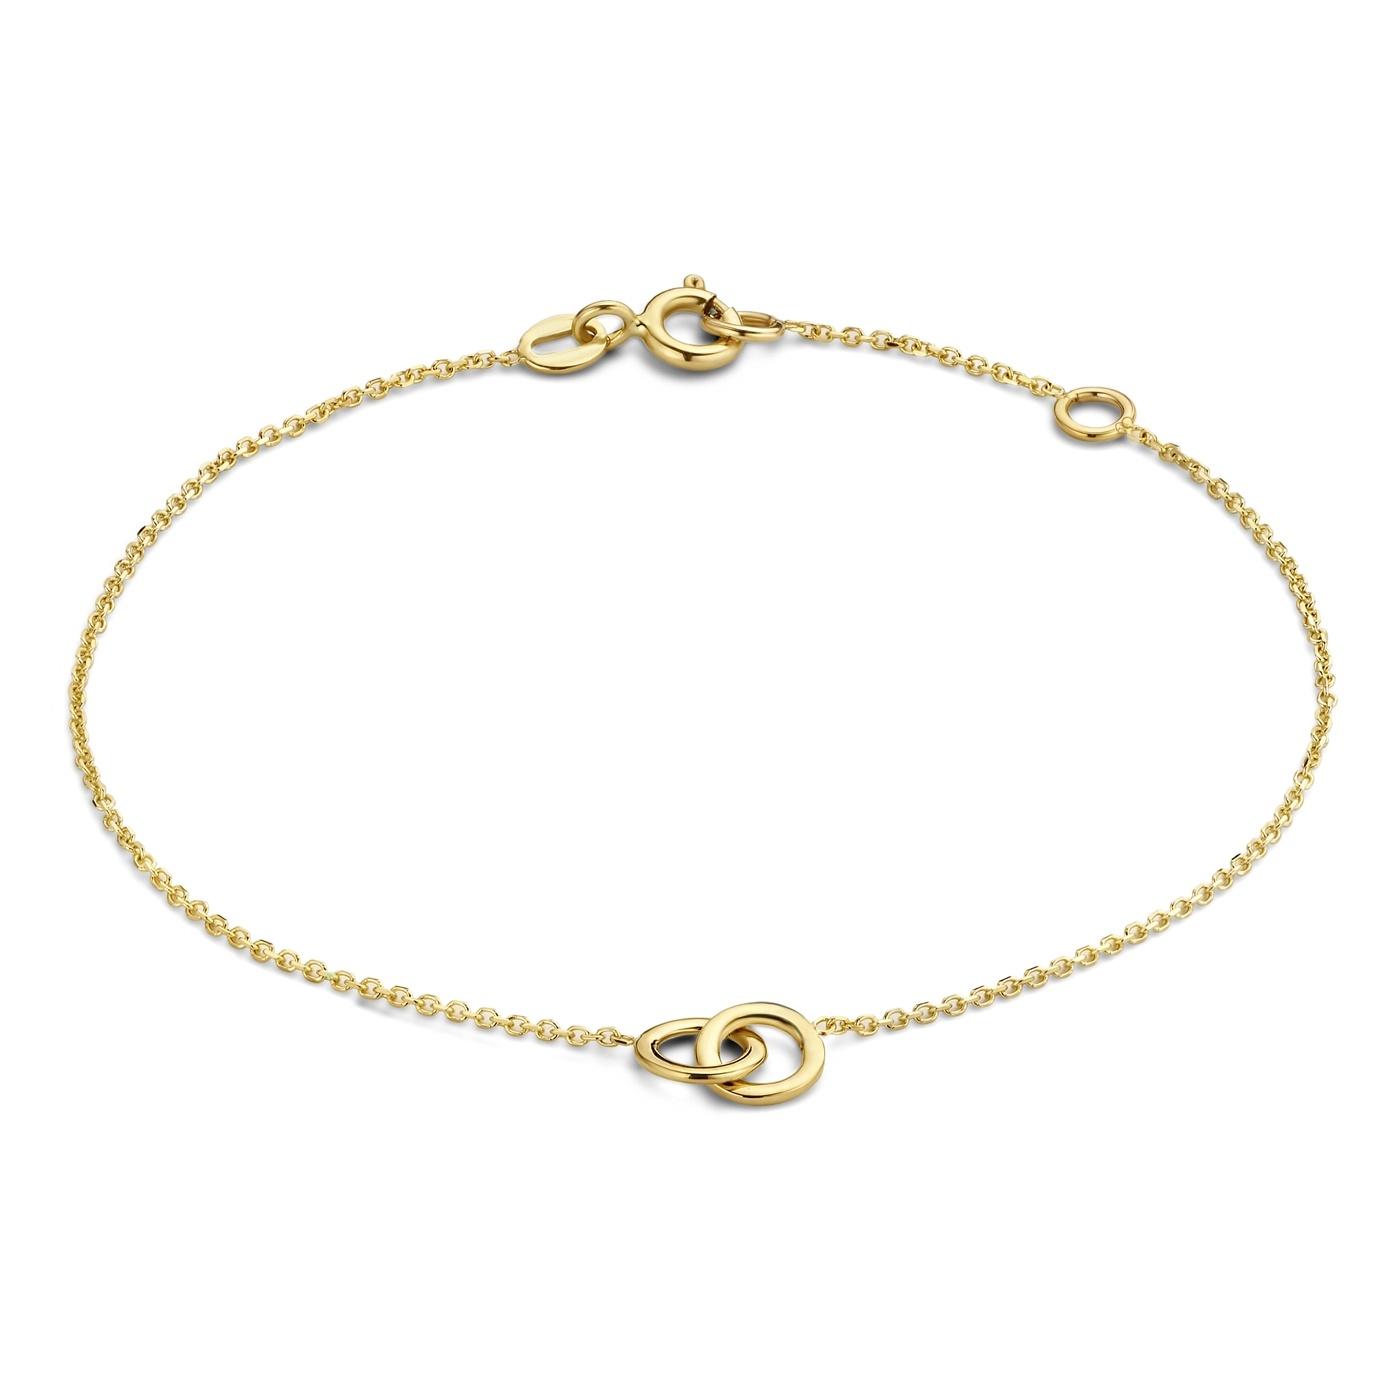 Isabel Bernard Le Marais Noëmie 14 carat gold bracelet rounds